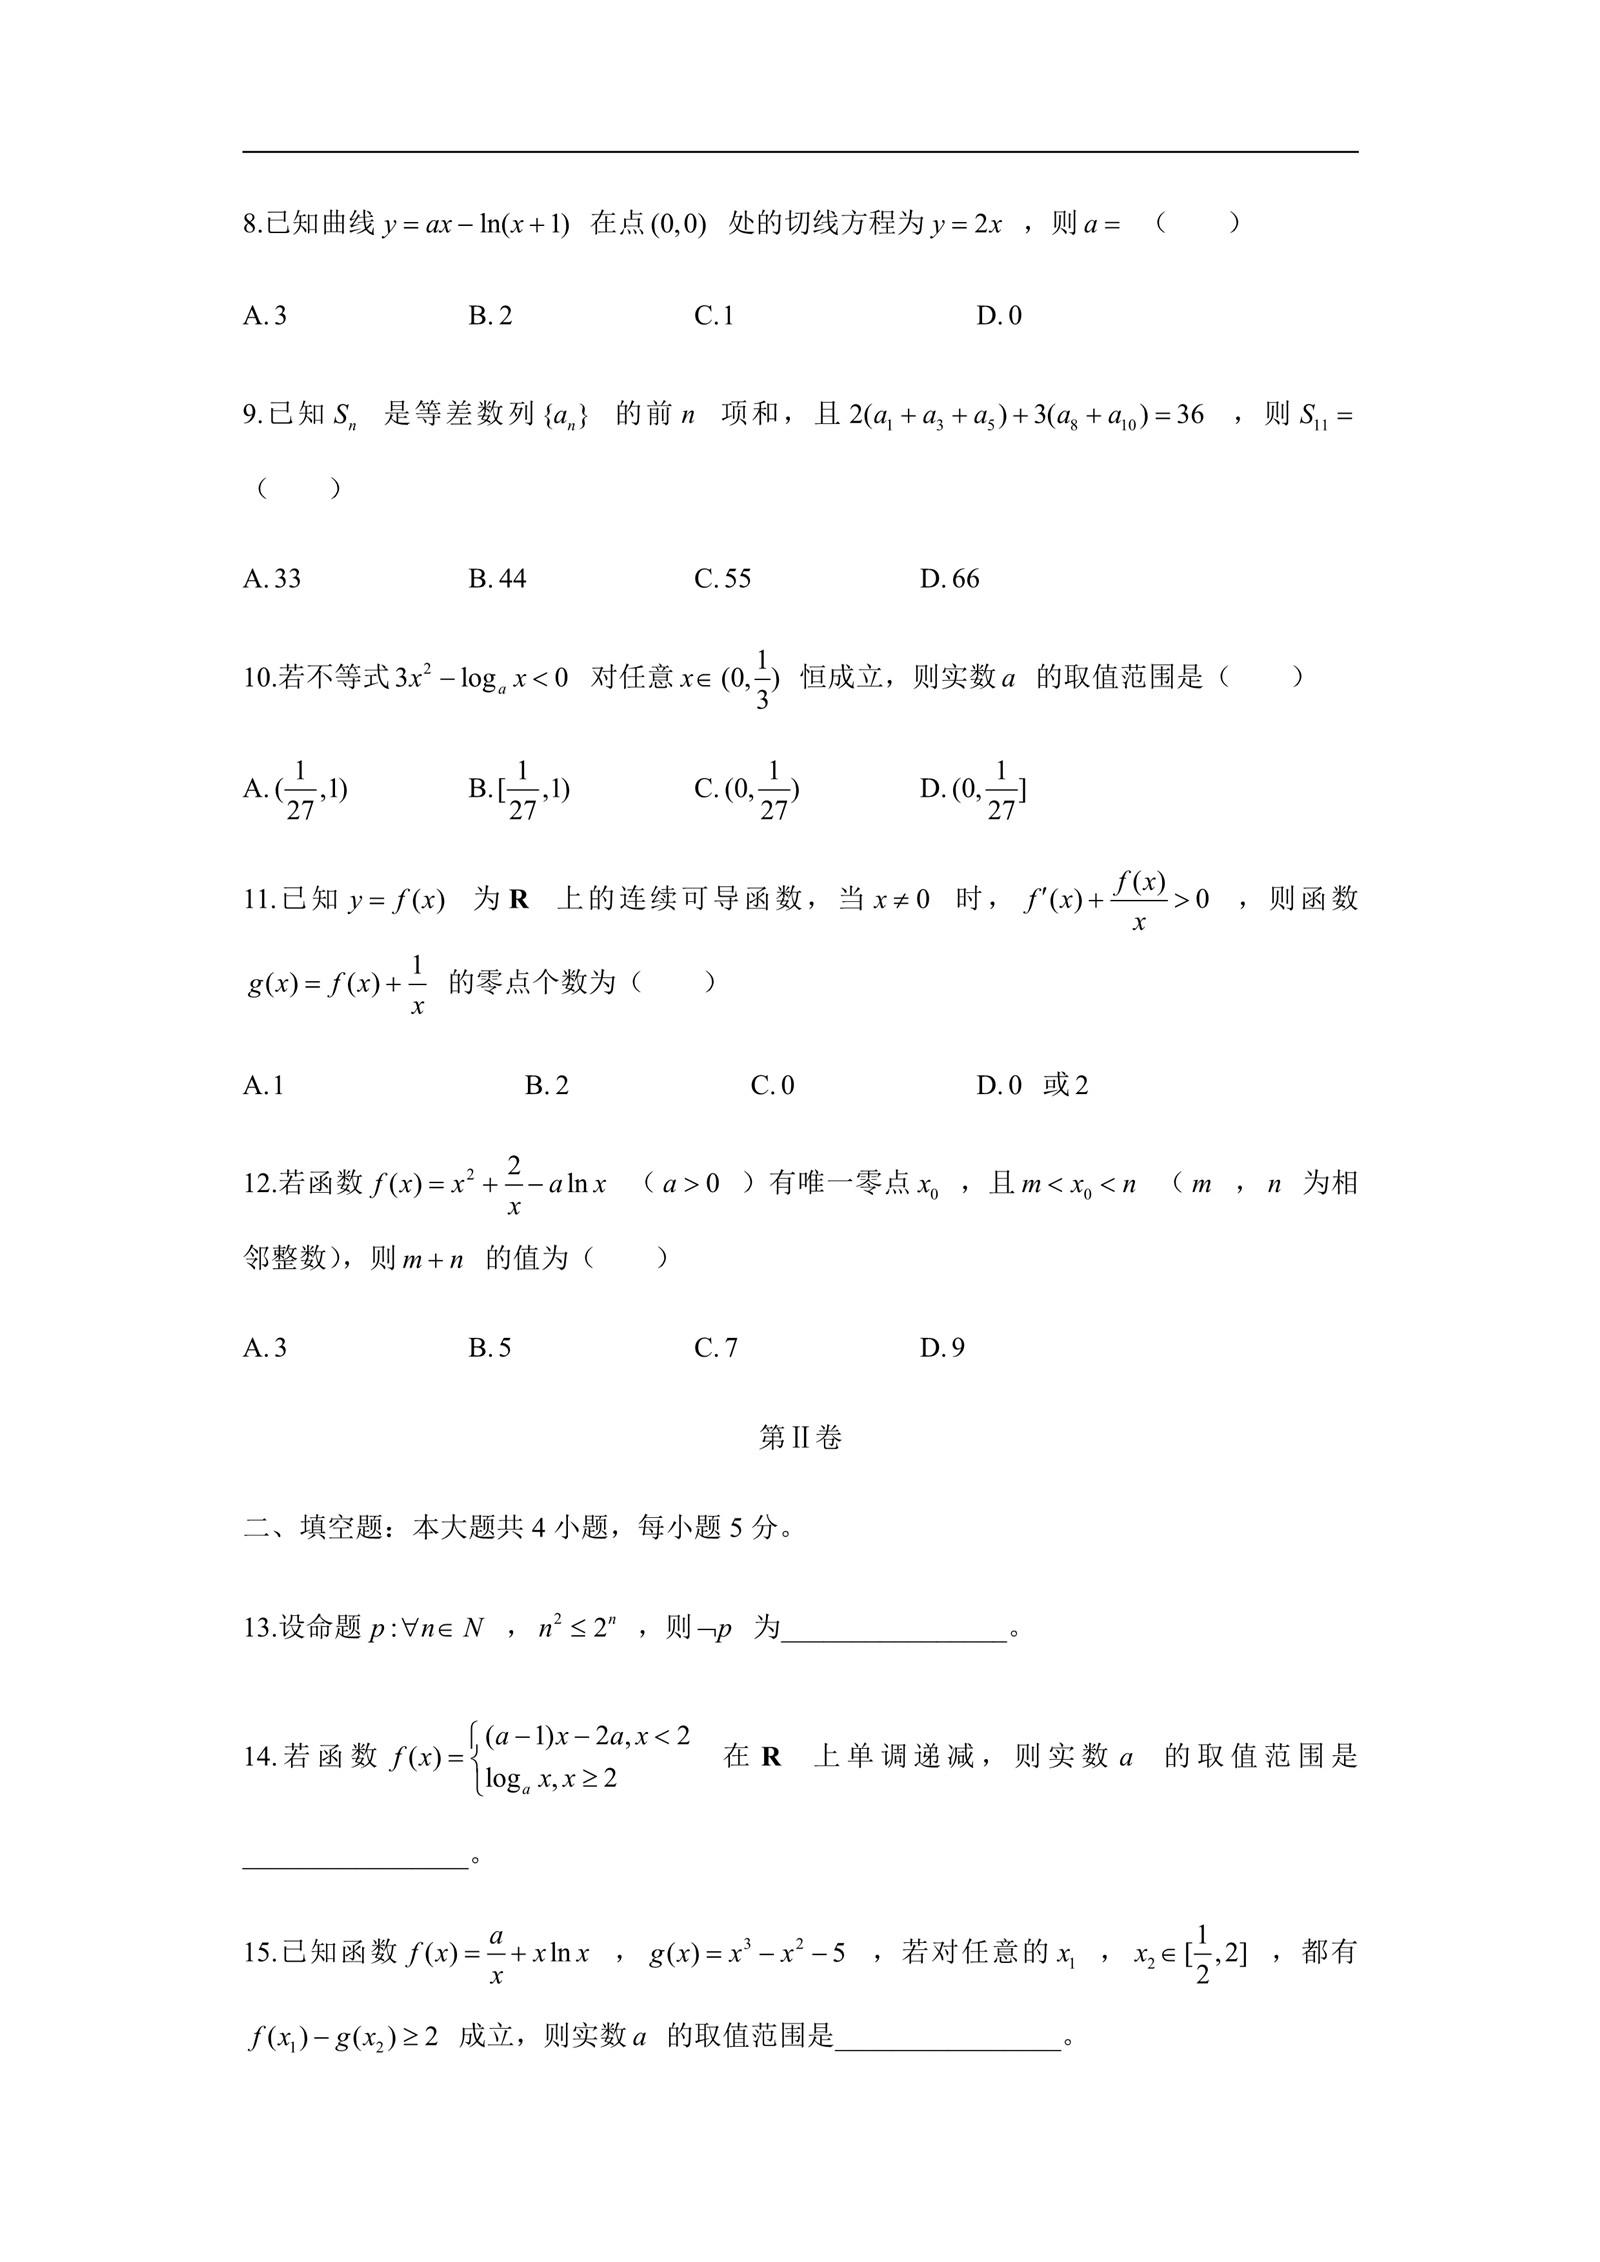 深圳高级中学2018-2019学年高三年级上学期第一次考试数学(理)试卷及答案_2.jpg.jpg